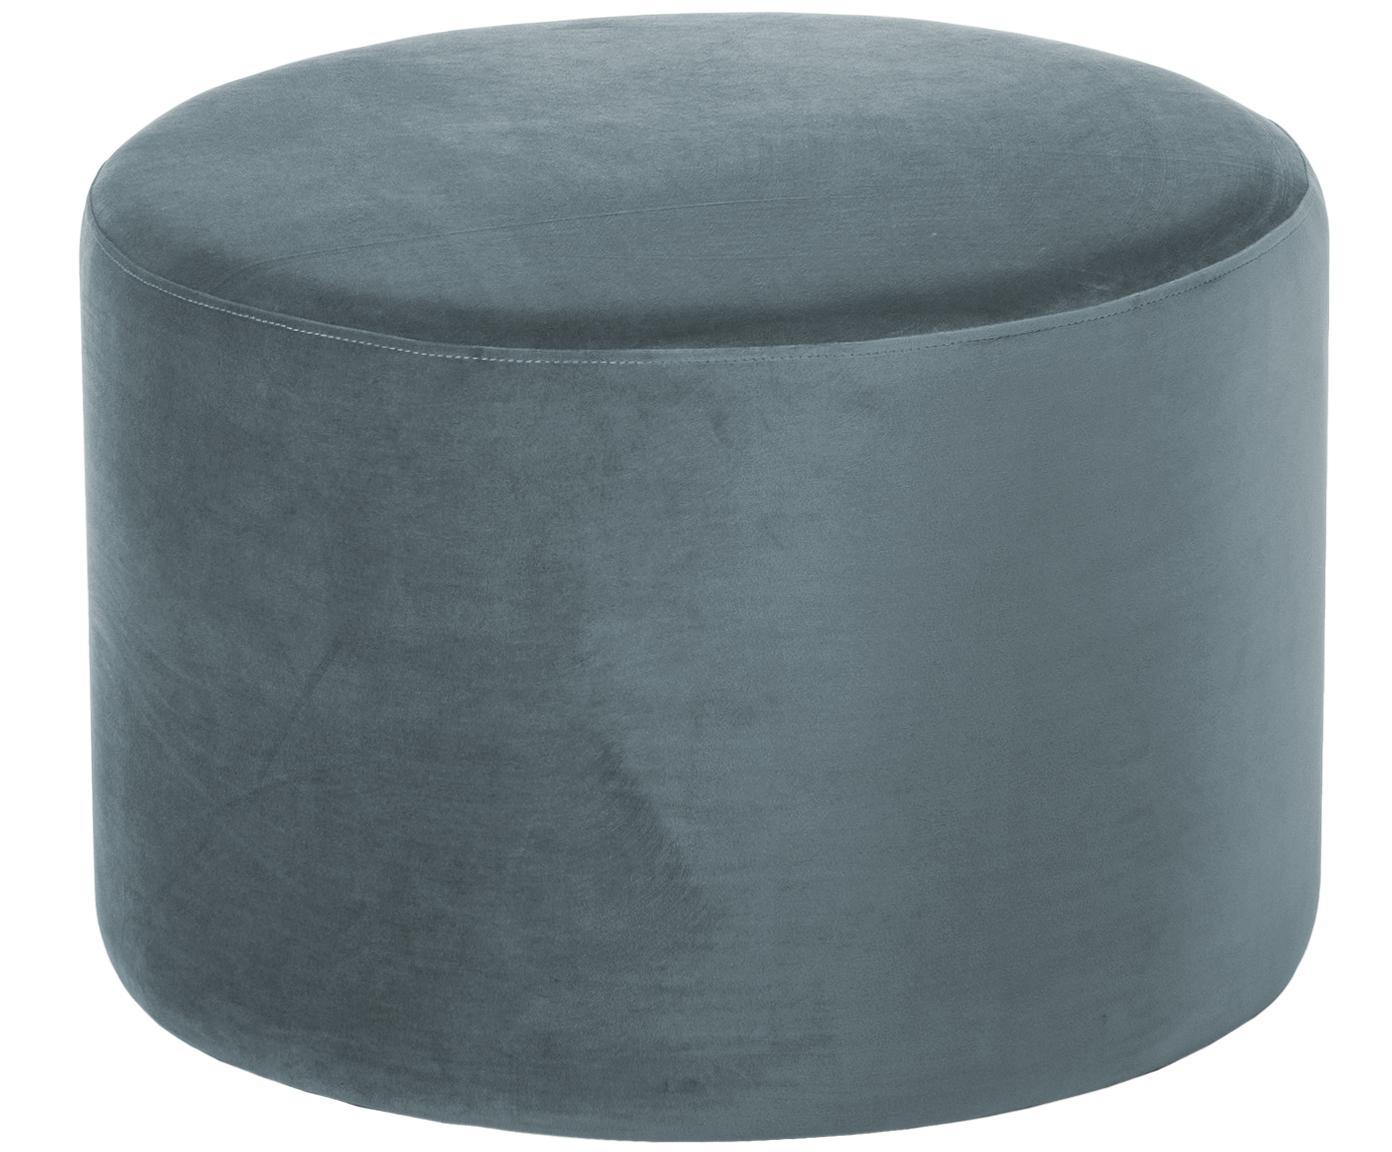 Puf de terciopelo Daisy, Tapizado: terciopelo (poliéster) 15, Estructura: tablero de fibras de dens, Gris azulado, Ø 62 x Al 41 cm